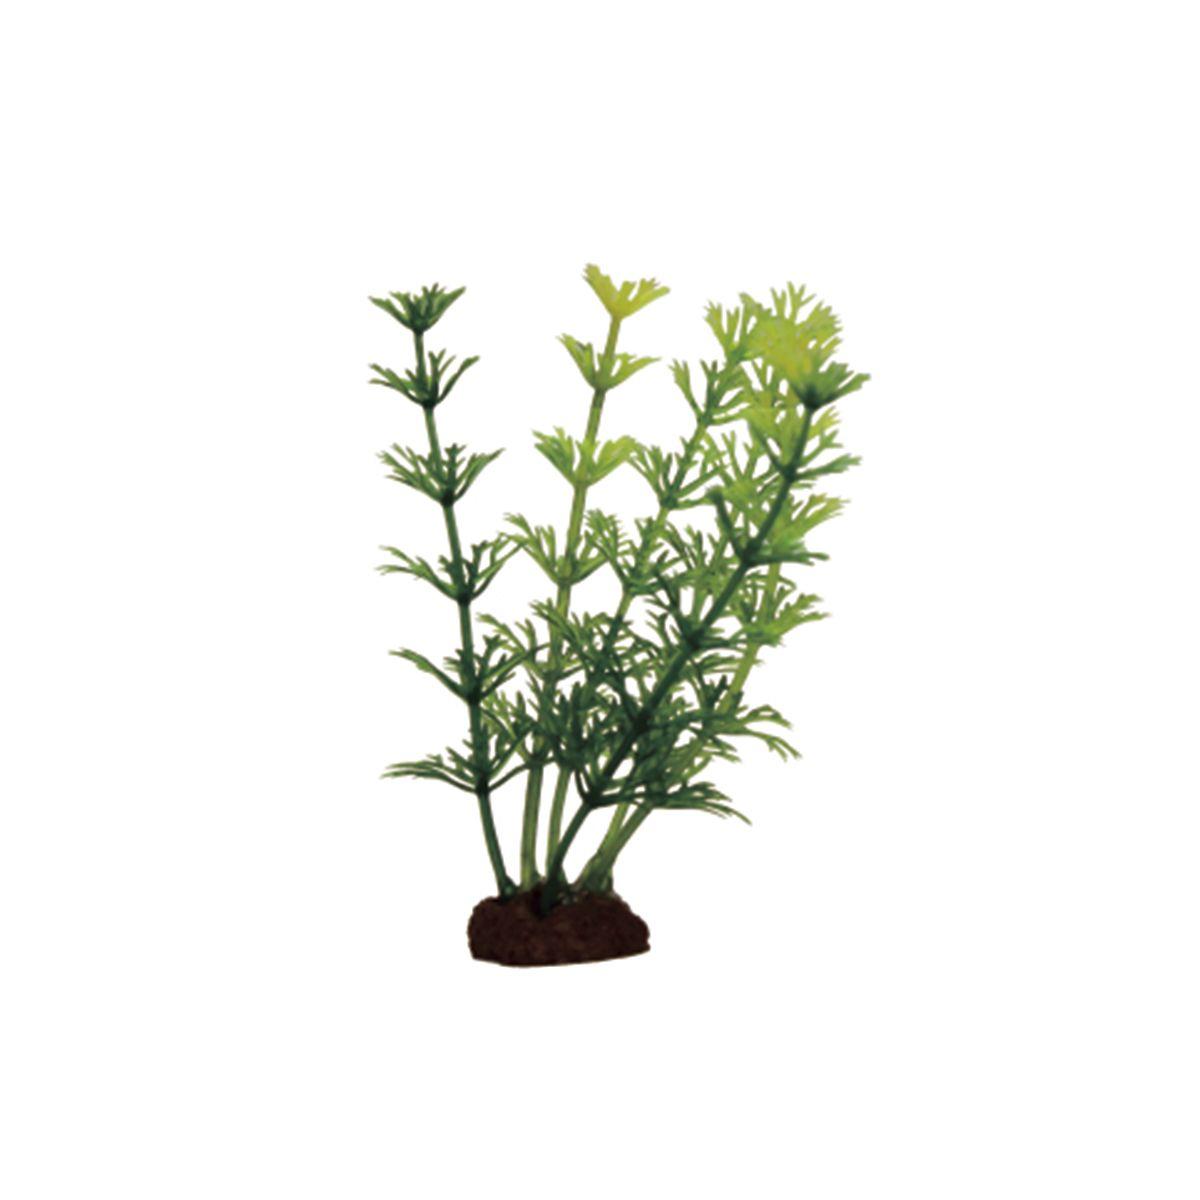 Растение для аквариума ArtUniq Кабомба, высота 10 см, 6 шт0120710Композиция из искусственных растений ArtUniq превосходно украсит и оживит аквариум.Растения - это важная часть любой композиции, они помогут вдохнуть жизнь в ландшафт любого аквариума или террариума. А их сходствос природными порадует даже самых взыскательных ценителей.